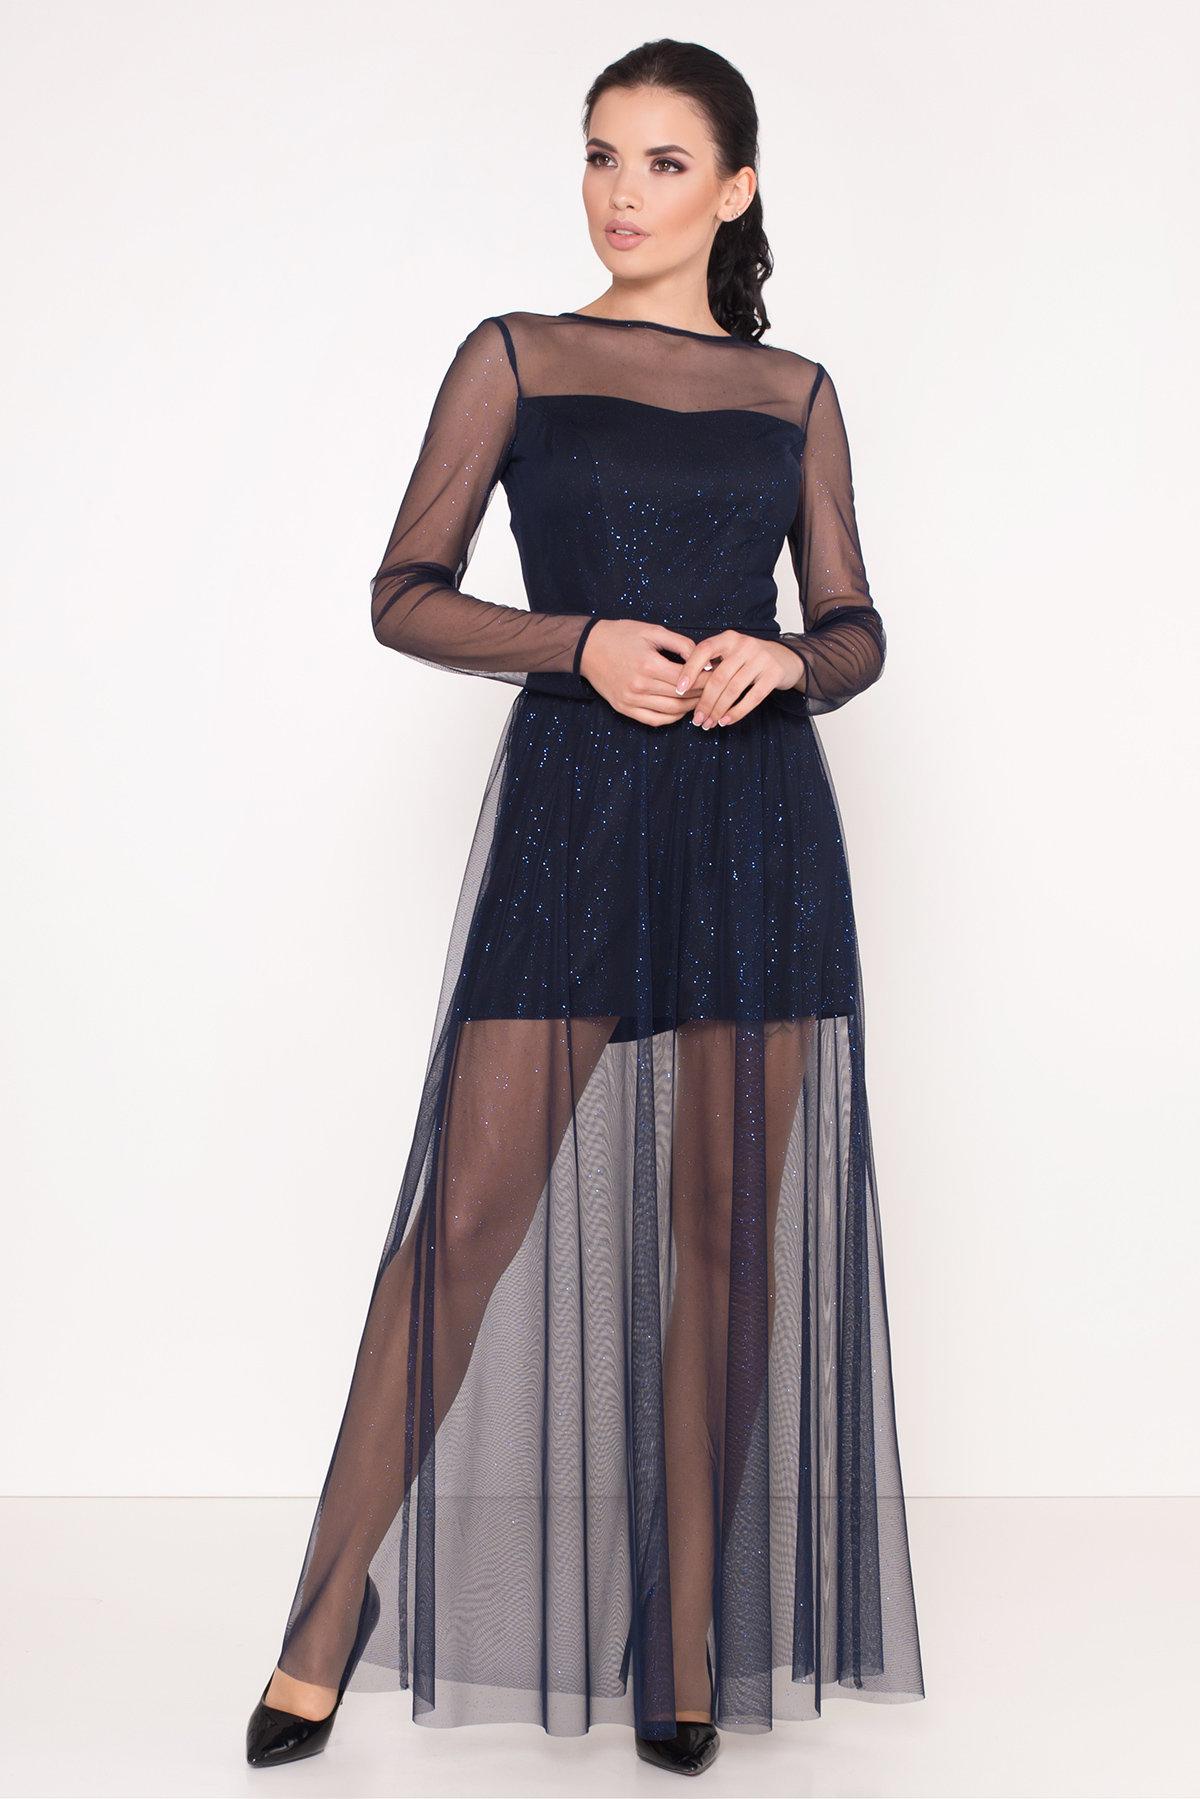 Платье-комбинезон Астия 8556 АРТ. 44951 Цвет: Черный/т.синий/электрик - фото 2, интернет магазин tm-modus.ru